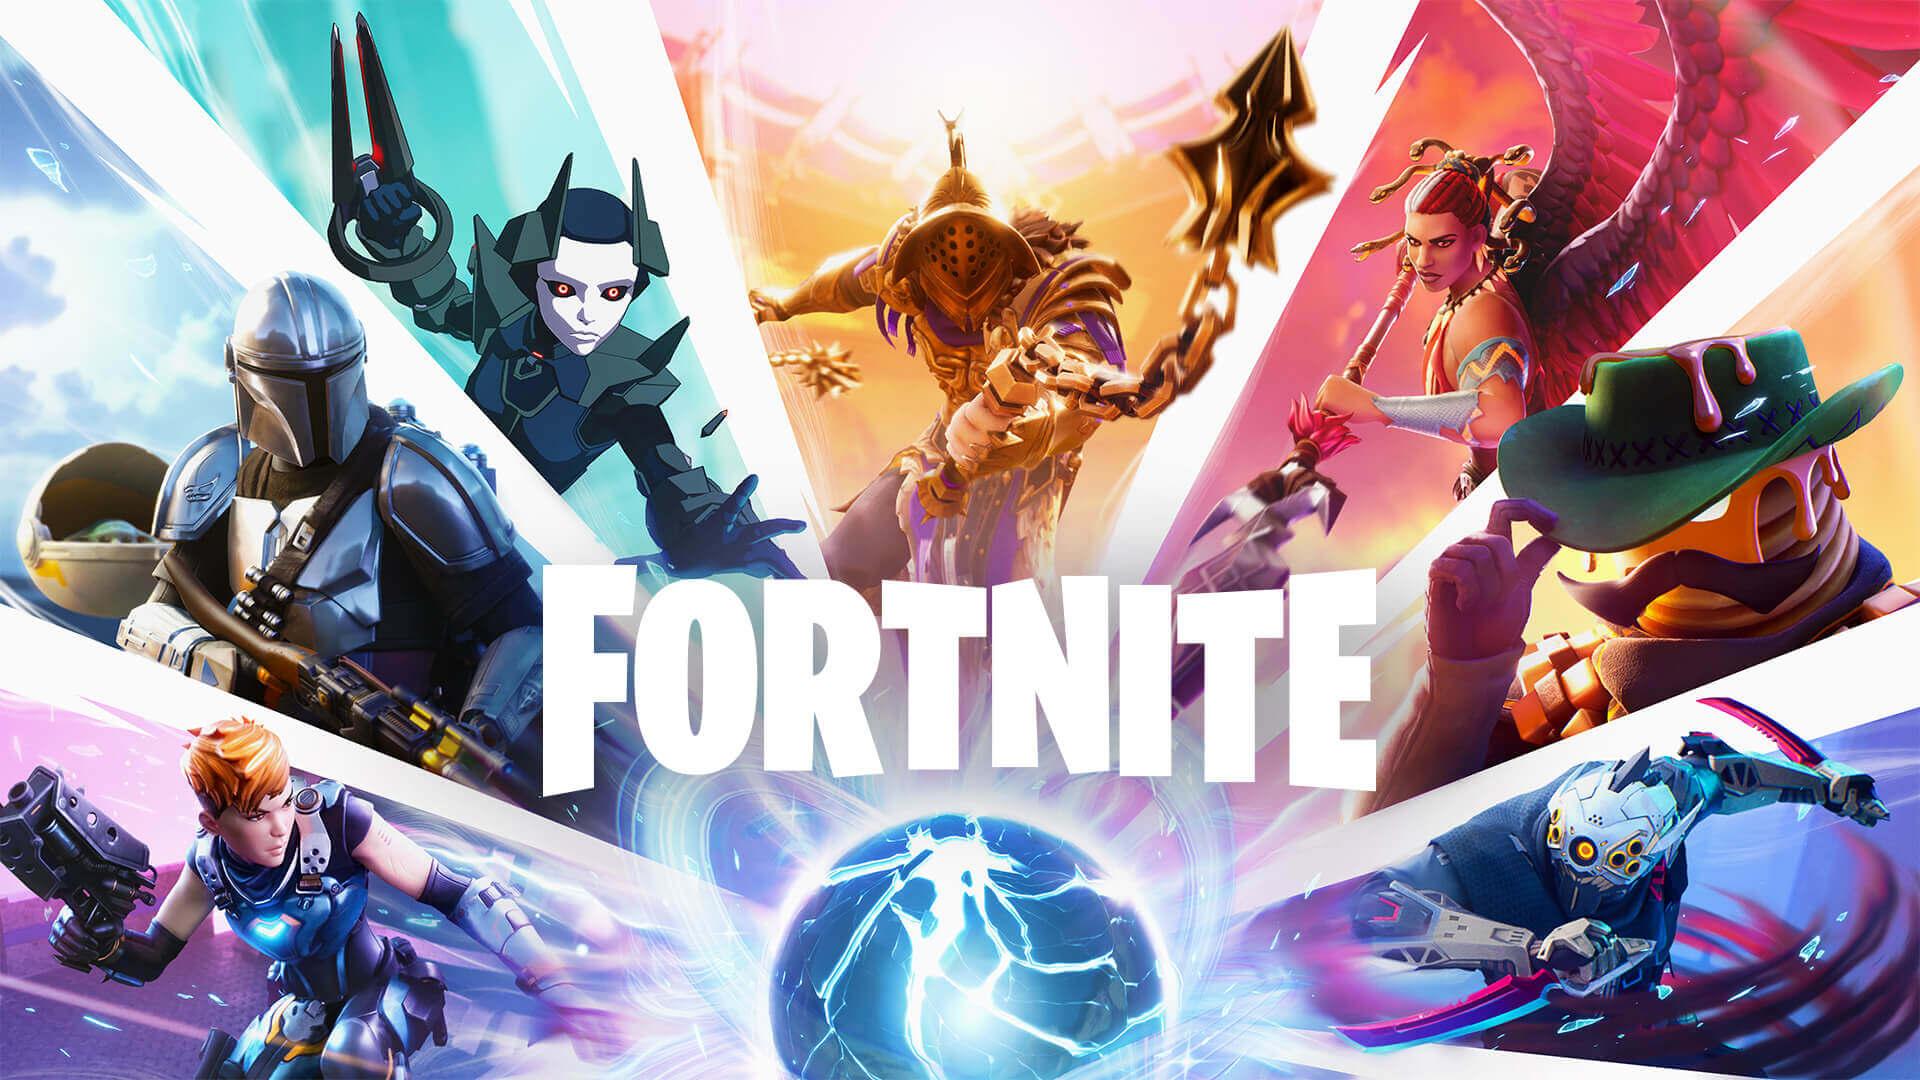 Fortnite é um dos jogos Battle Royale mais populares até hoje (Foto: Divulgação/Epic Games)